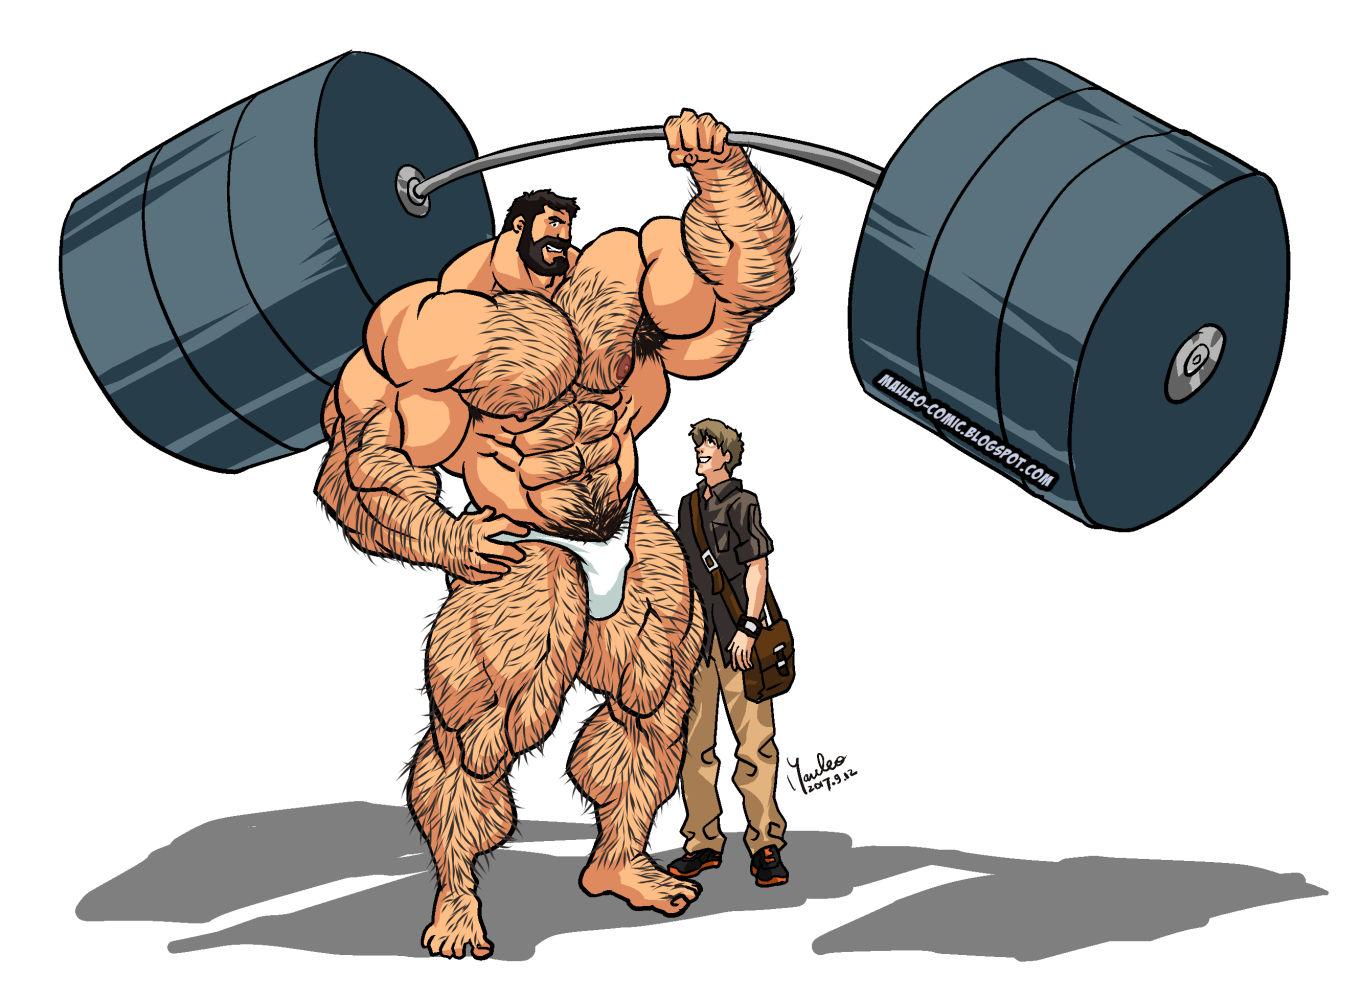 anime Hercules mauleo gay porno